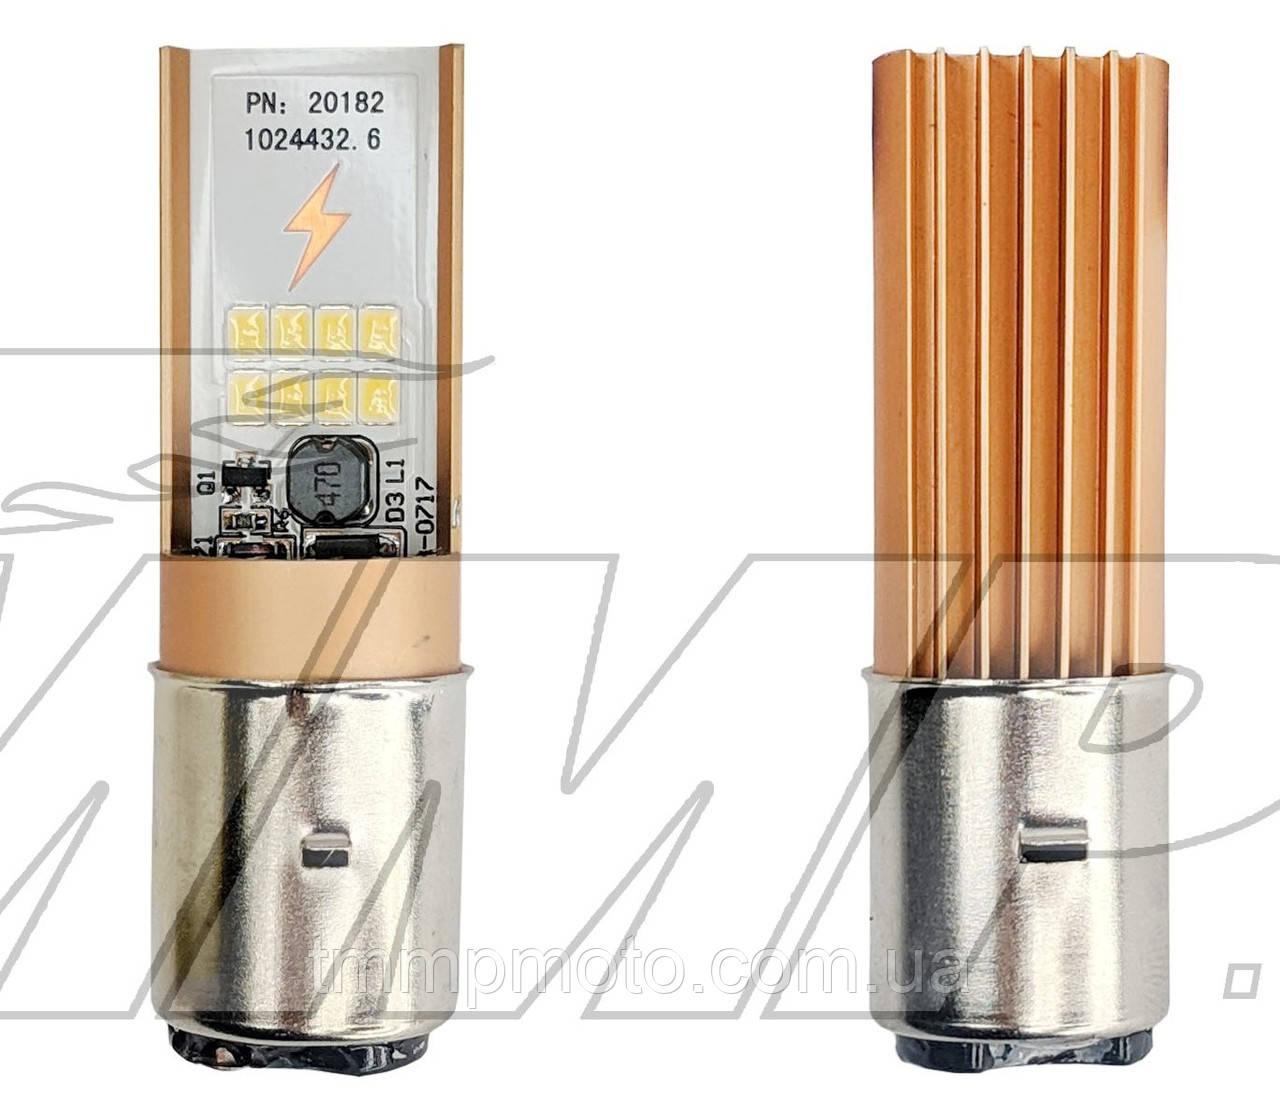 Лампа фары светодиодная LED BA200  (DC 10-35V, 720/1200 lm, 6/12W)   TMMP